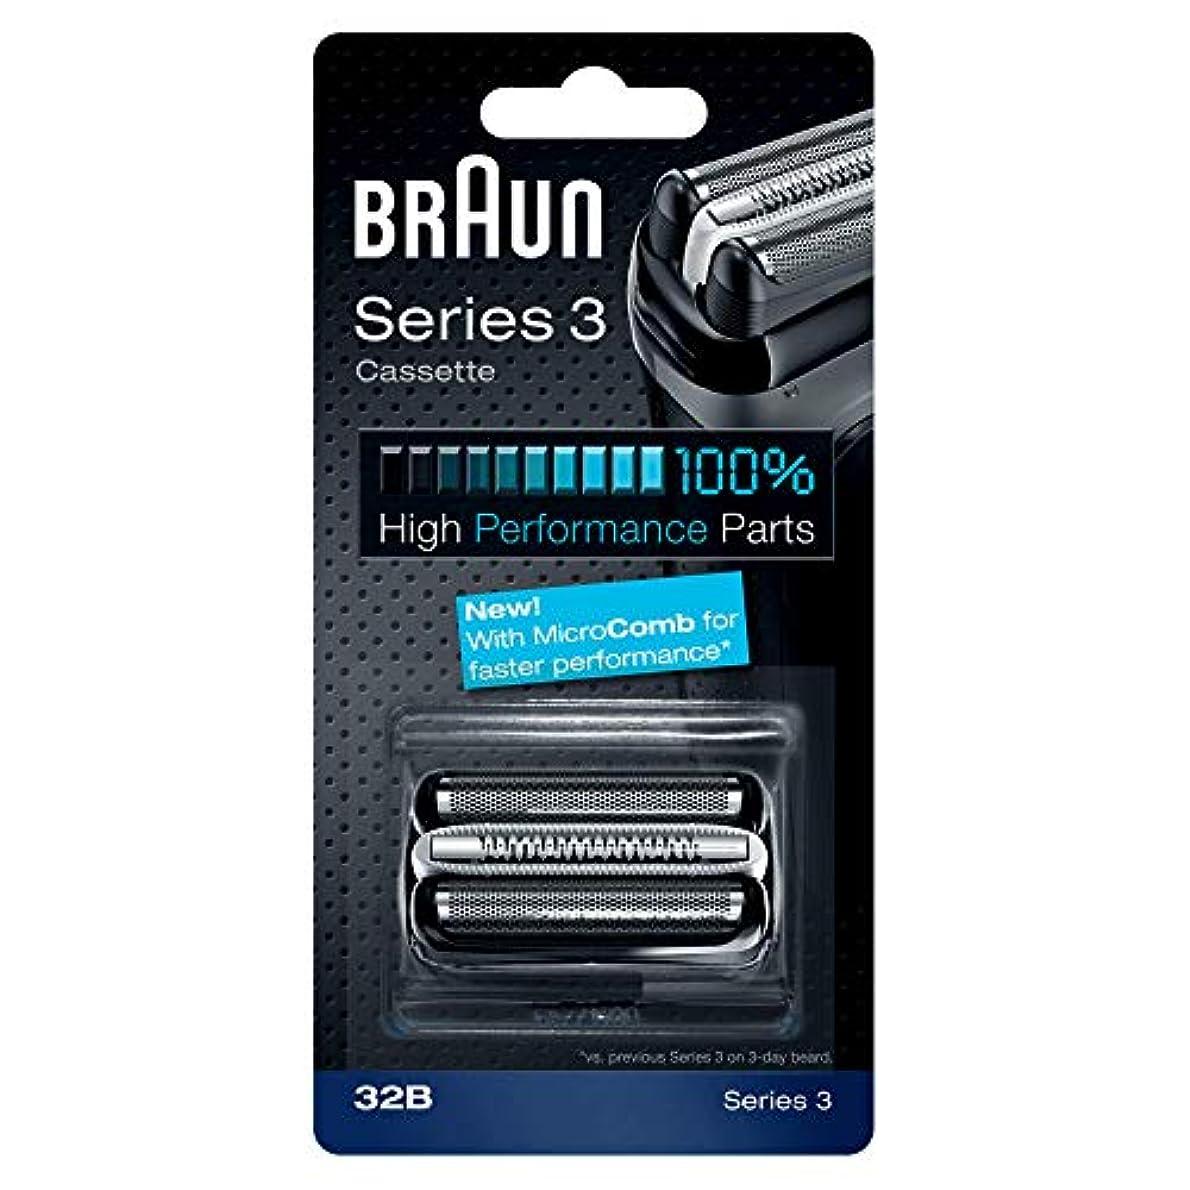 ボーナス極小比類なきBRAUN 32B Series 3 Shaver Cassette MicroComb交換ヘッドをフォイルカッター& [並行輸入品]